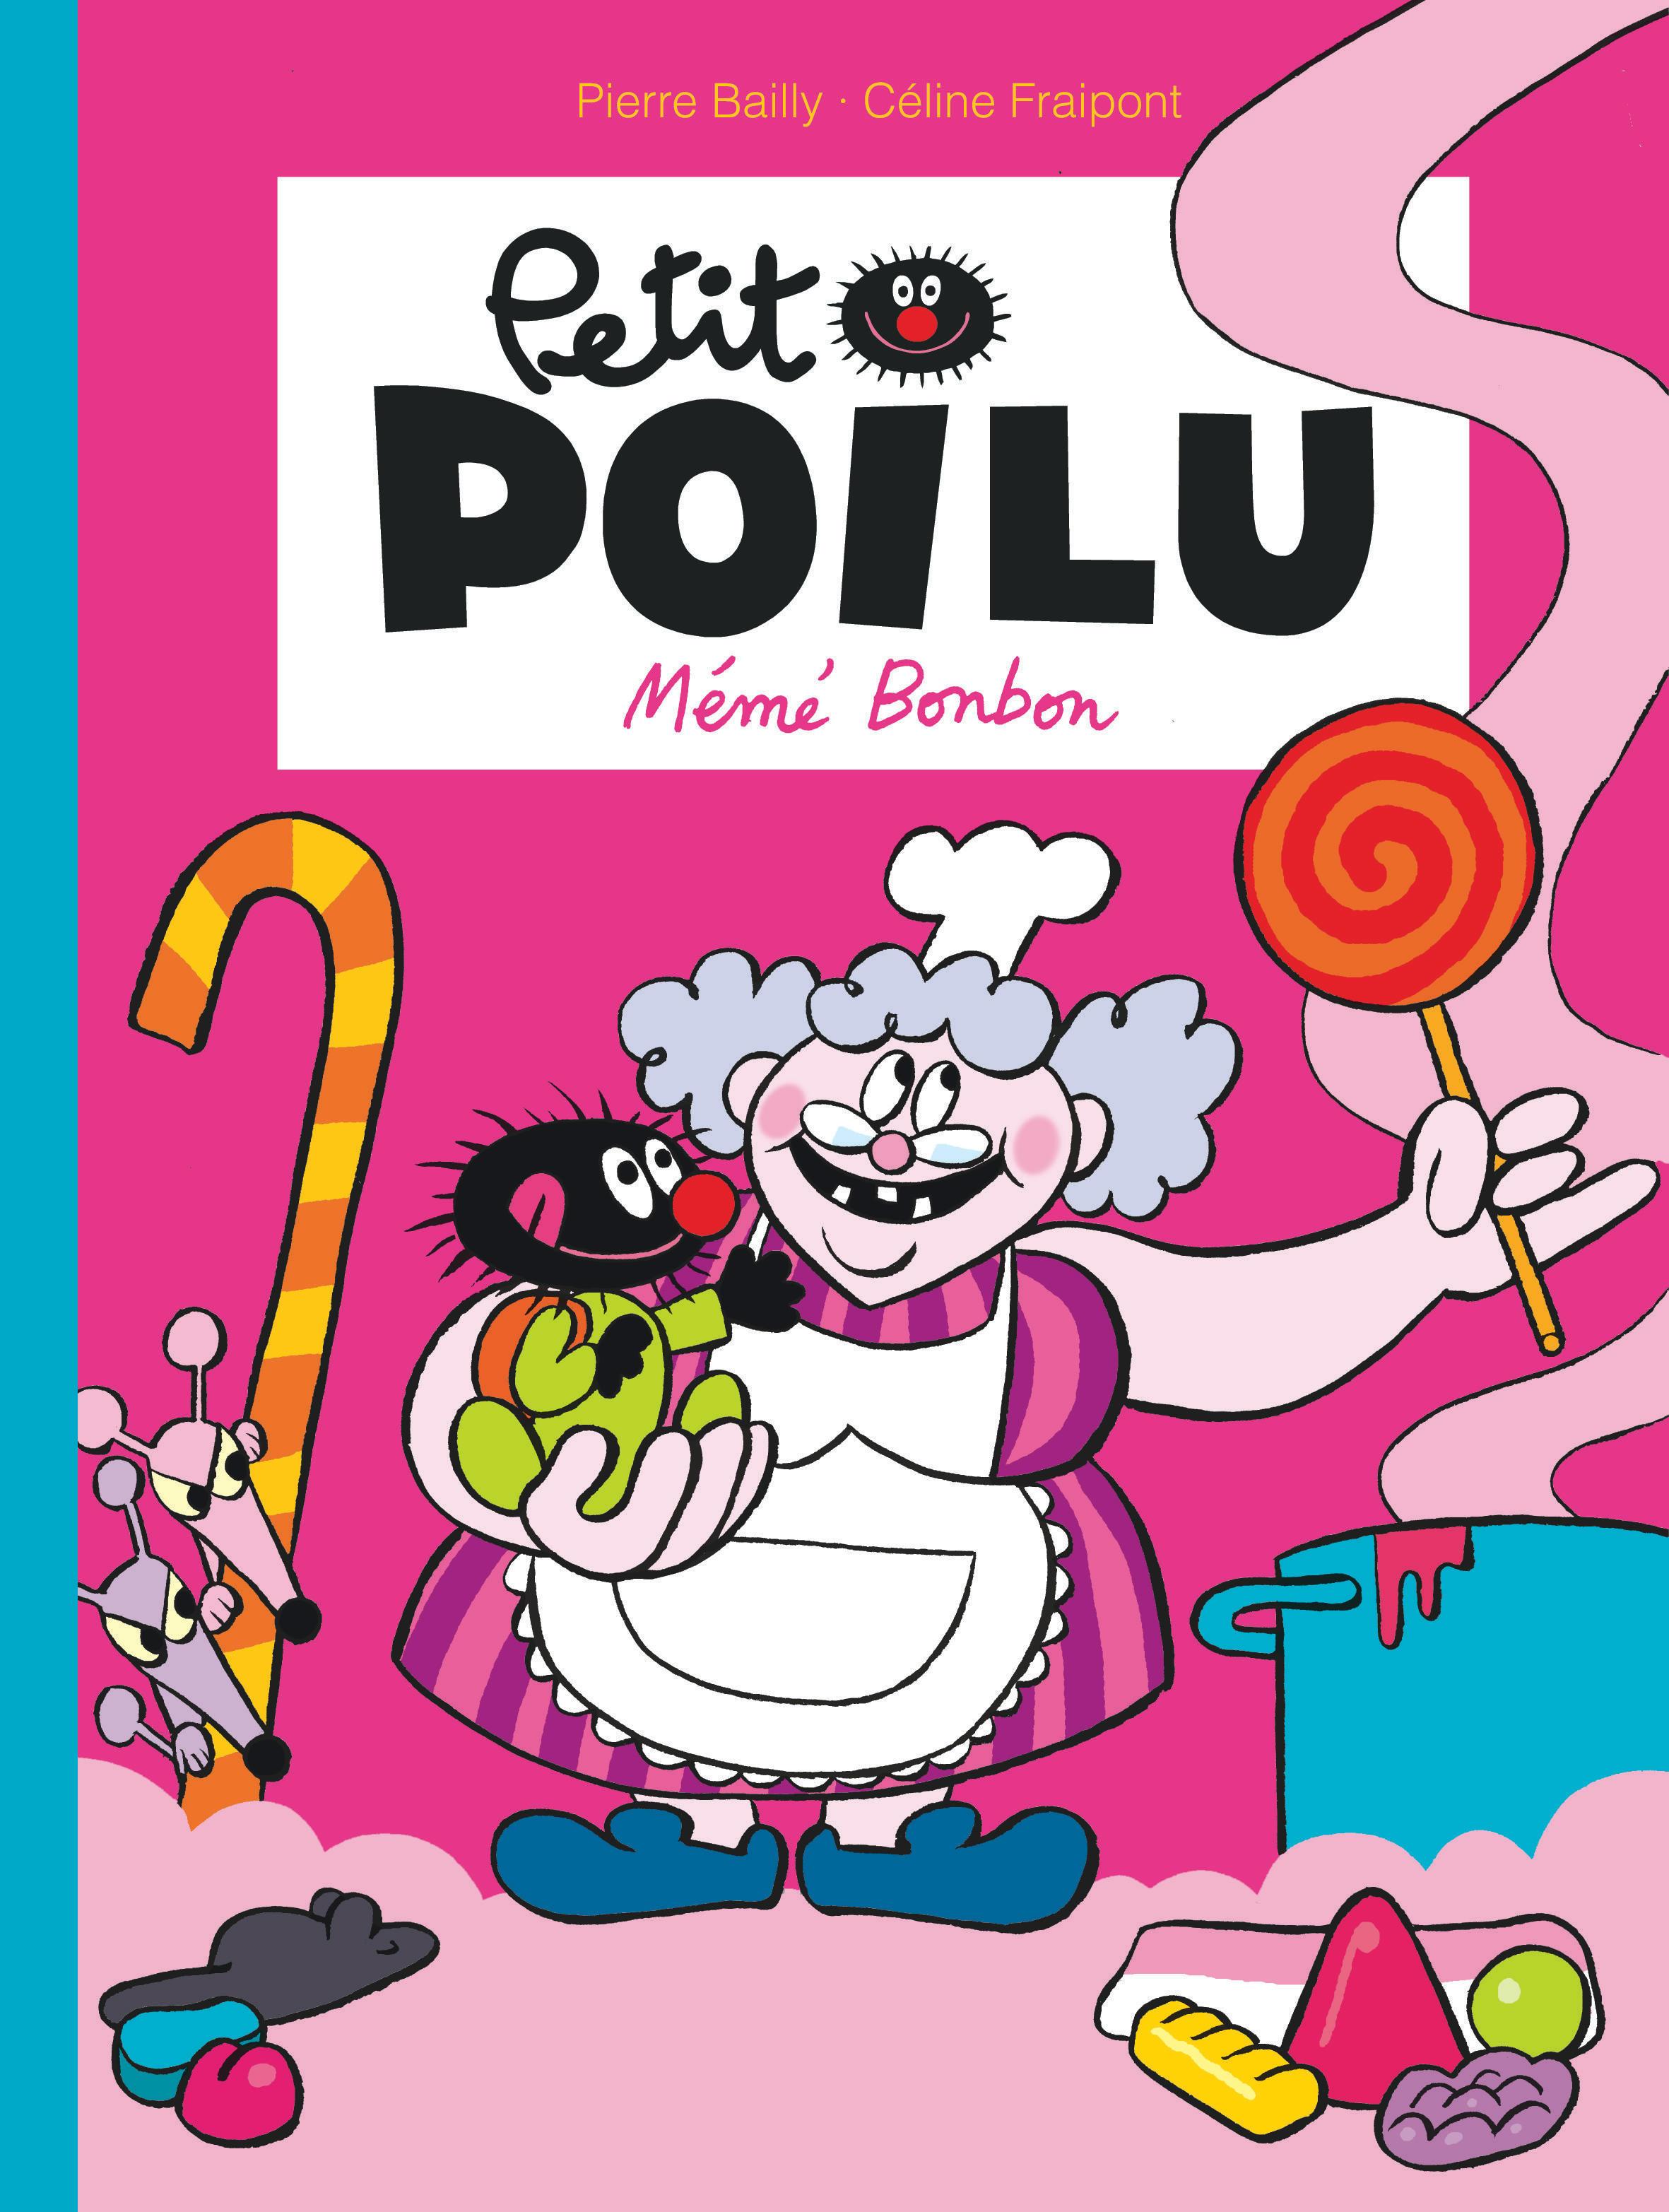 PETIT POILU - TOME 4 - MEME BONBON NOUVELLE MAQUETTE